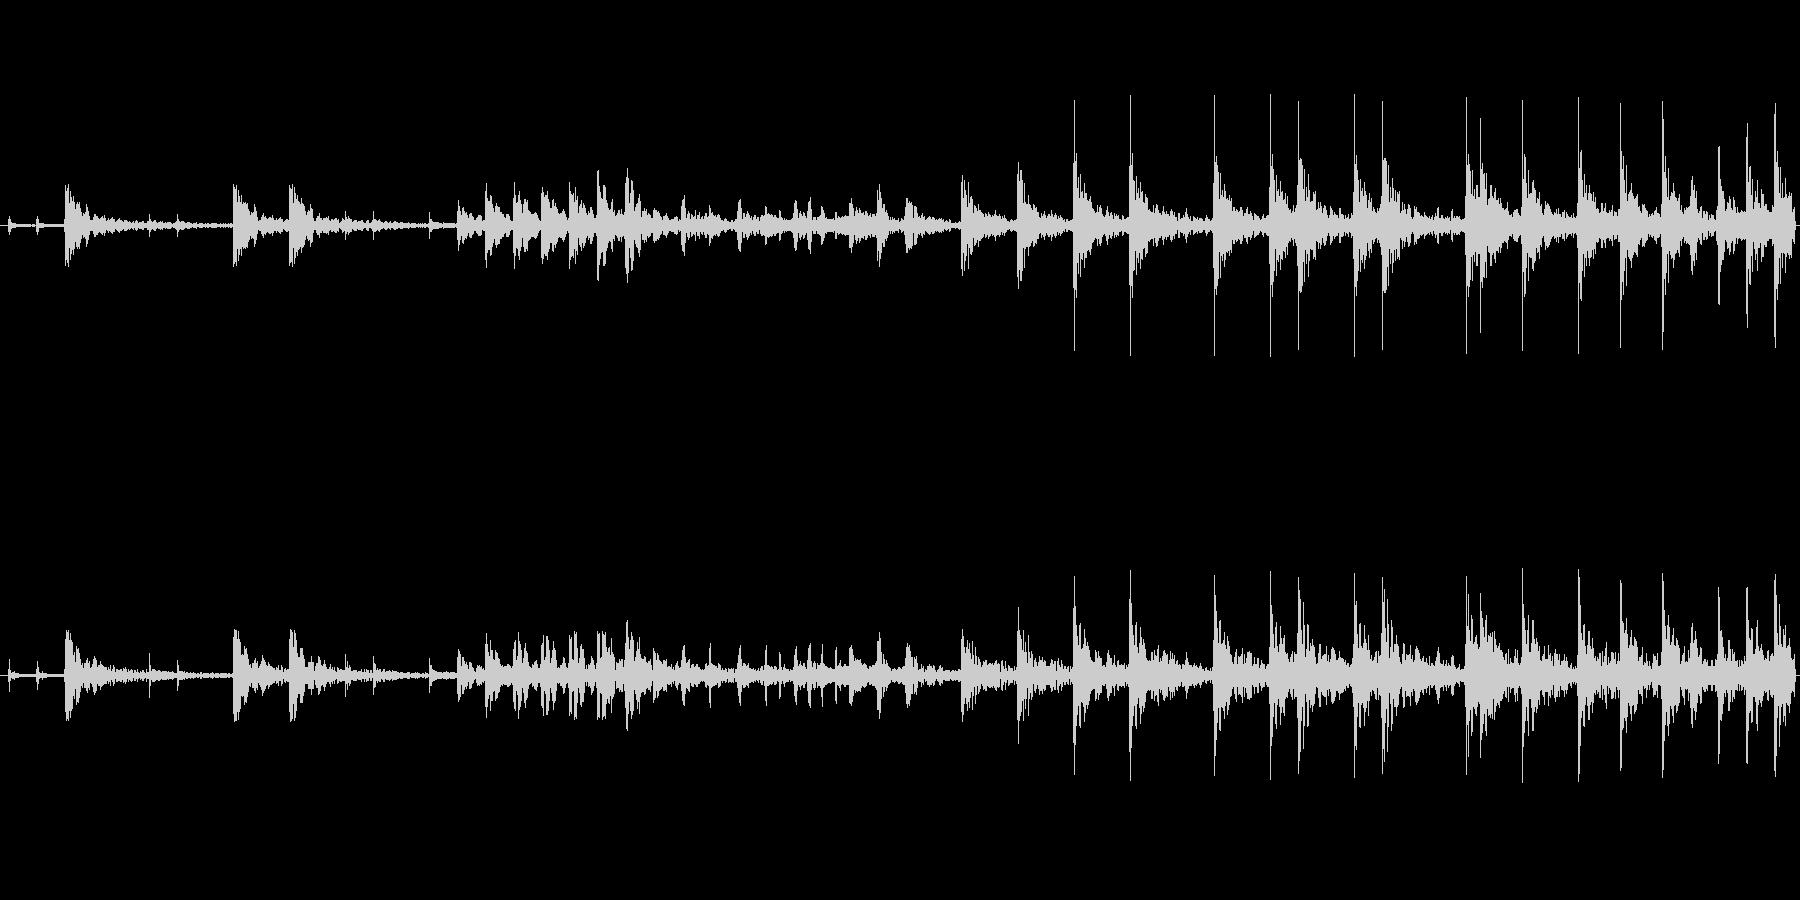 和太鼓のみのリバーブありのループ音源バ…の未再生の波形